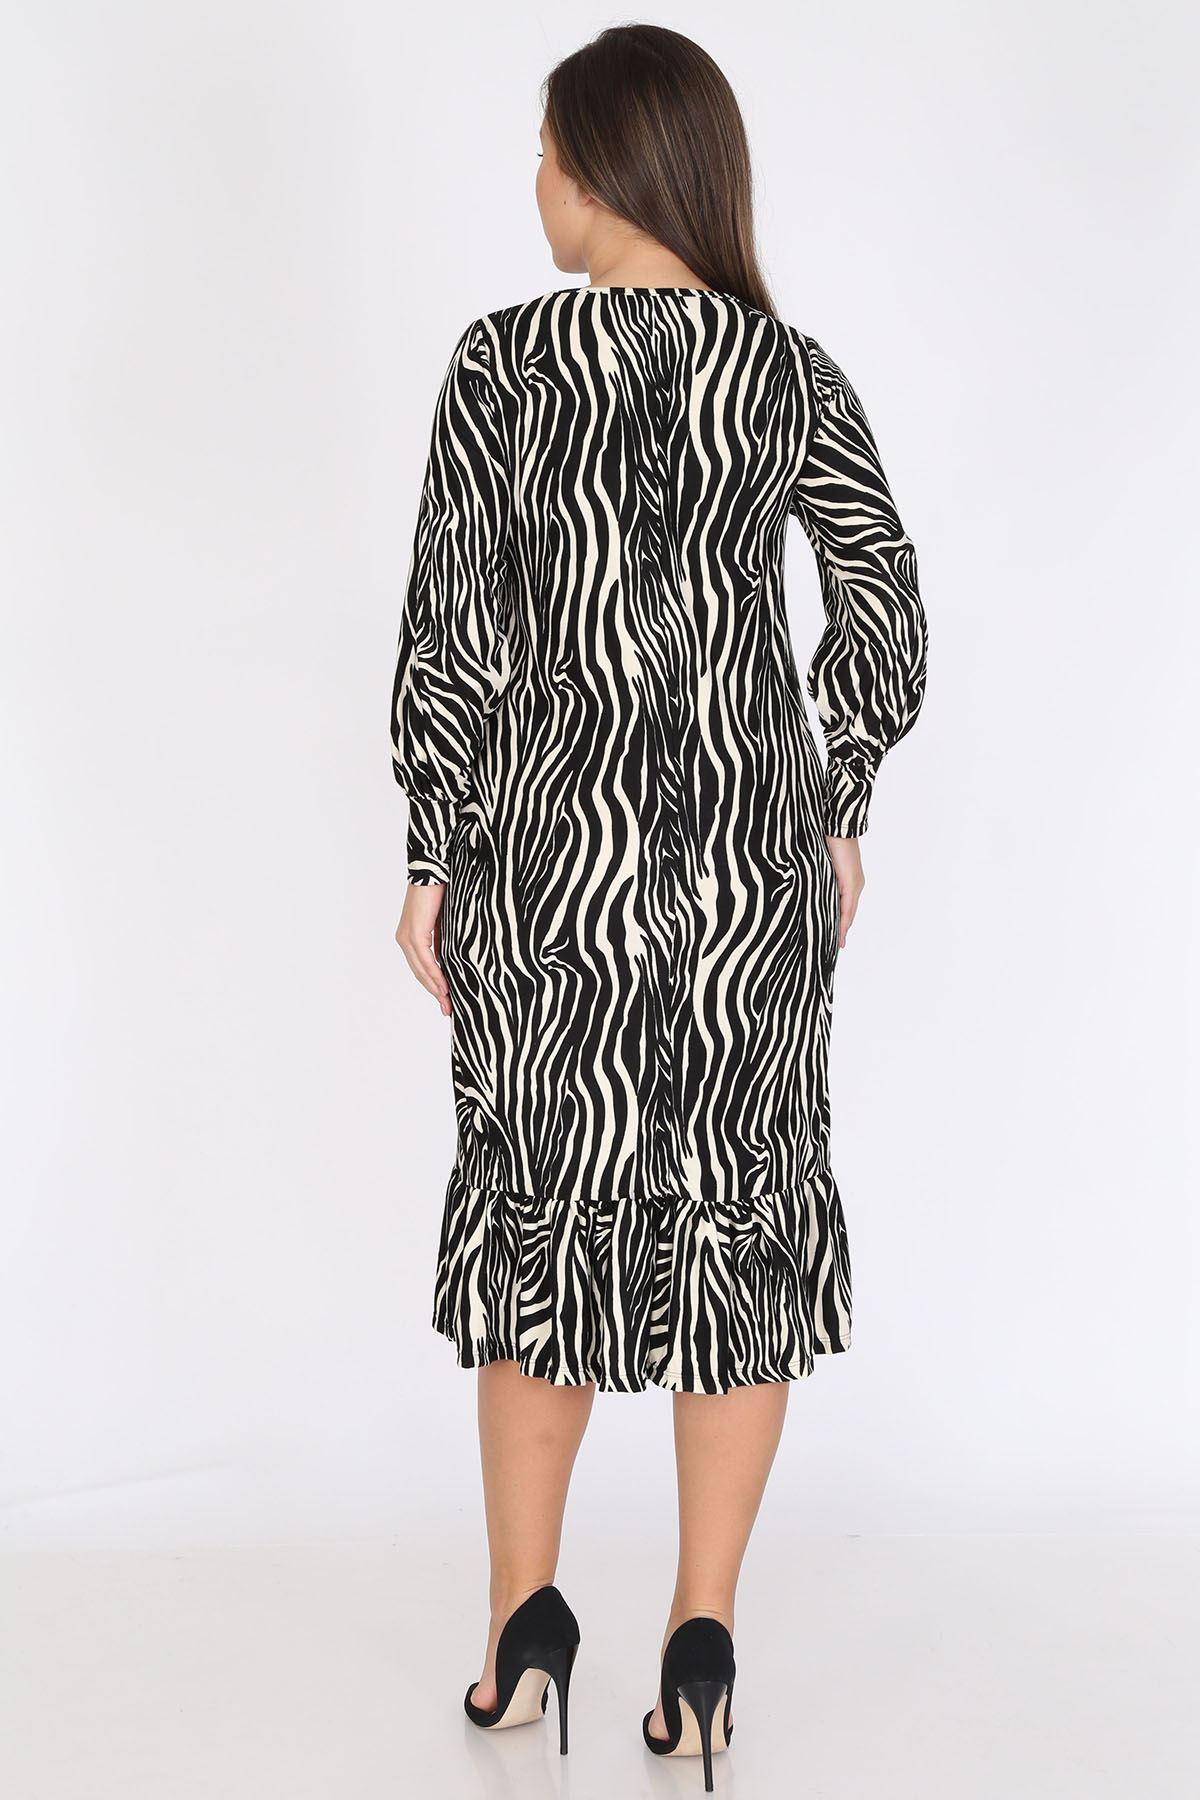 Zebra Manşet Kollu Büyük Beden Elbise 23C-0792